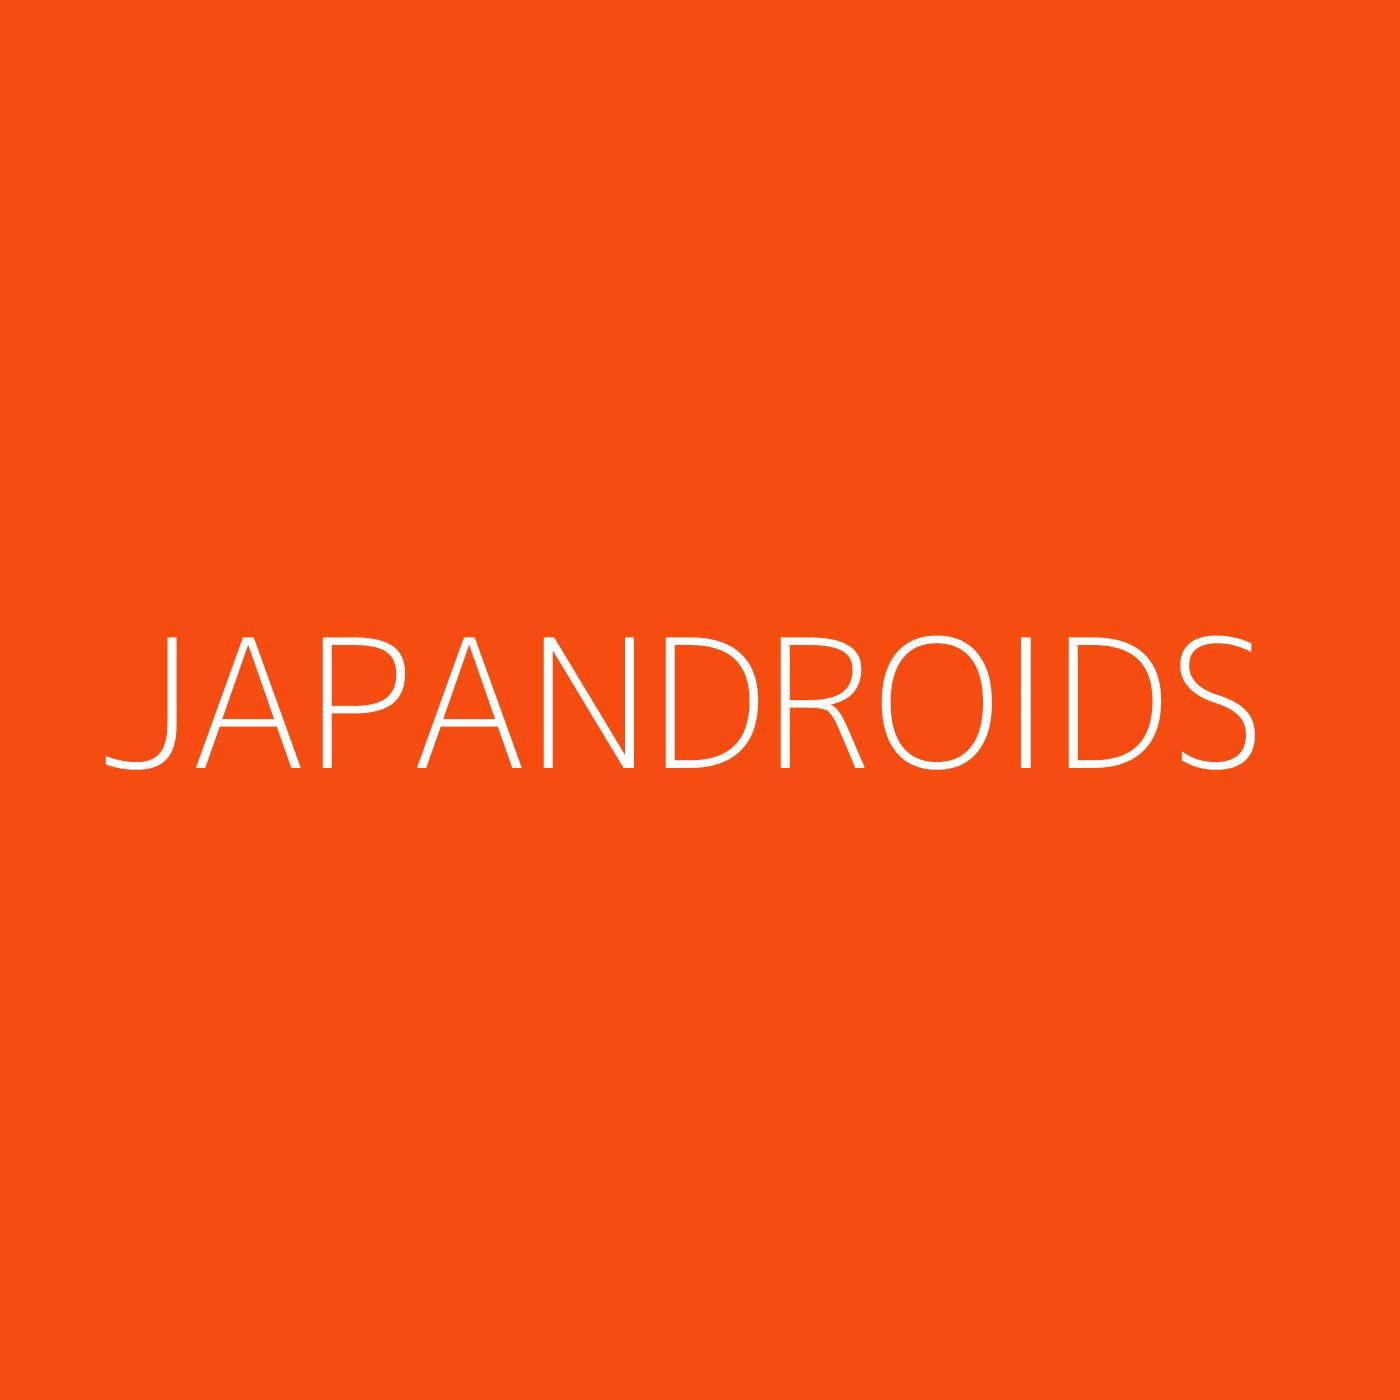 Japandroids Playlist Artwork